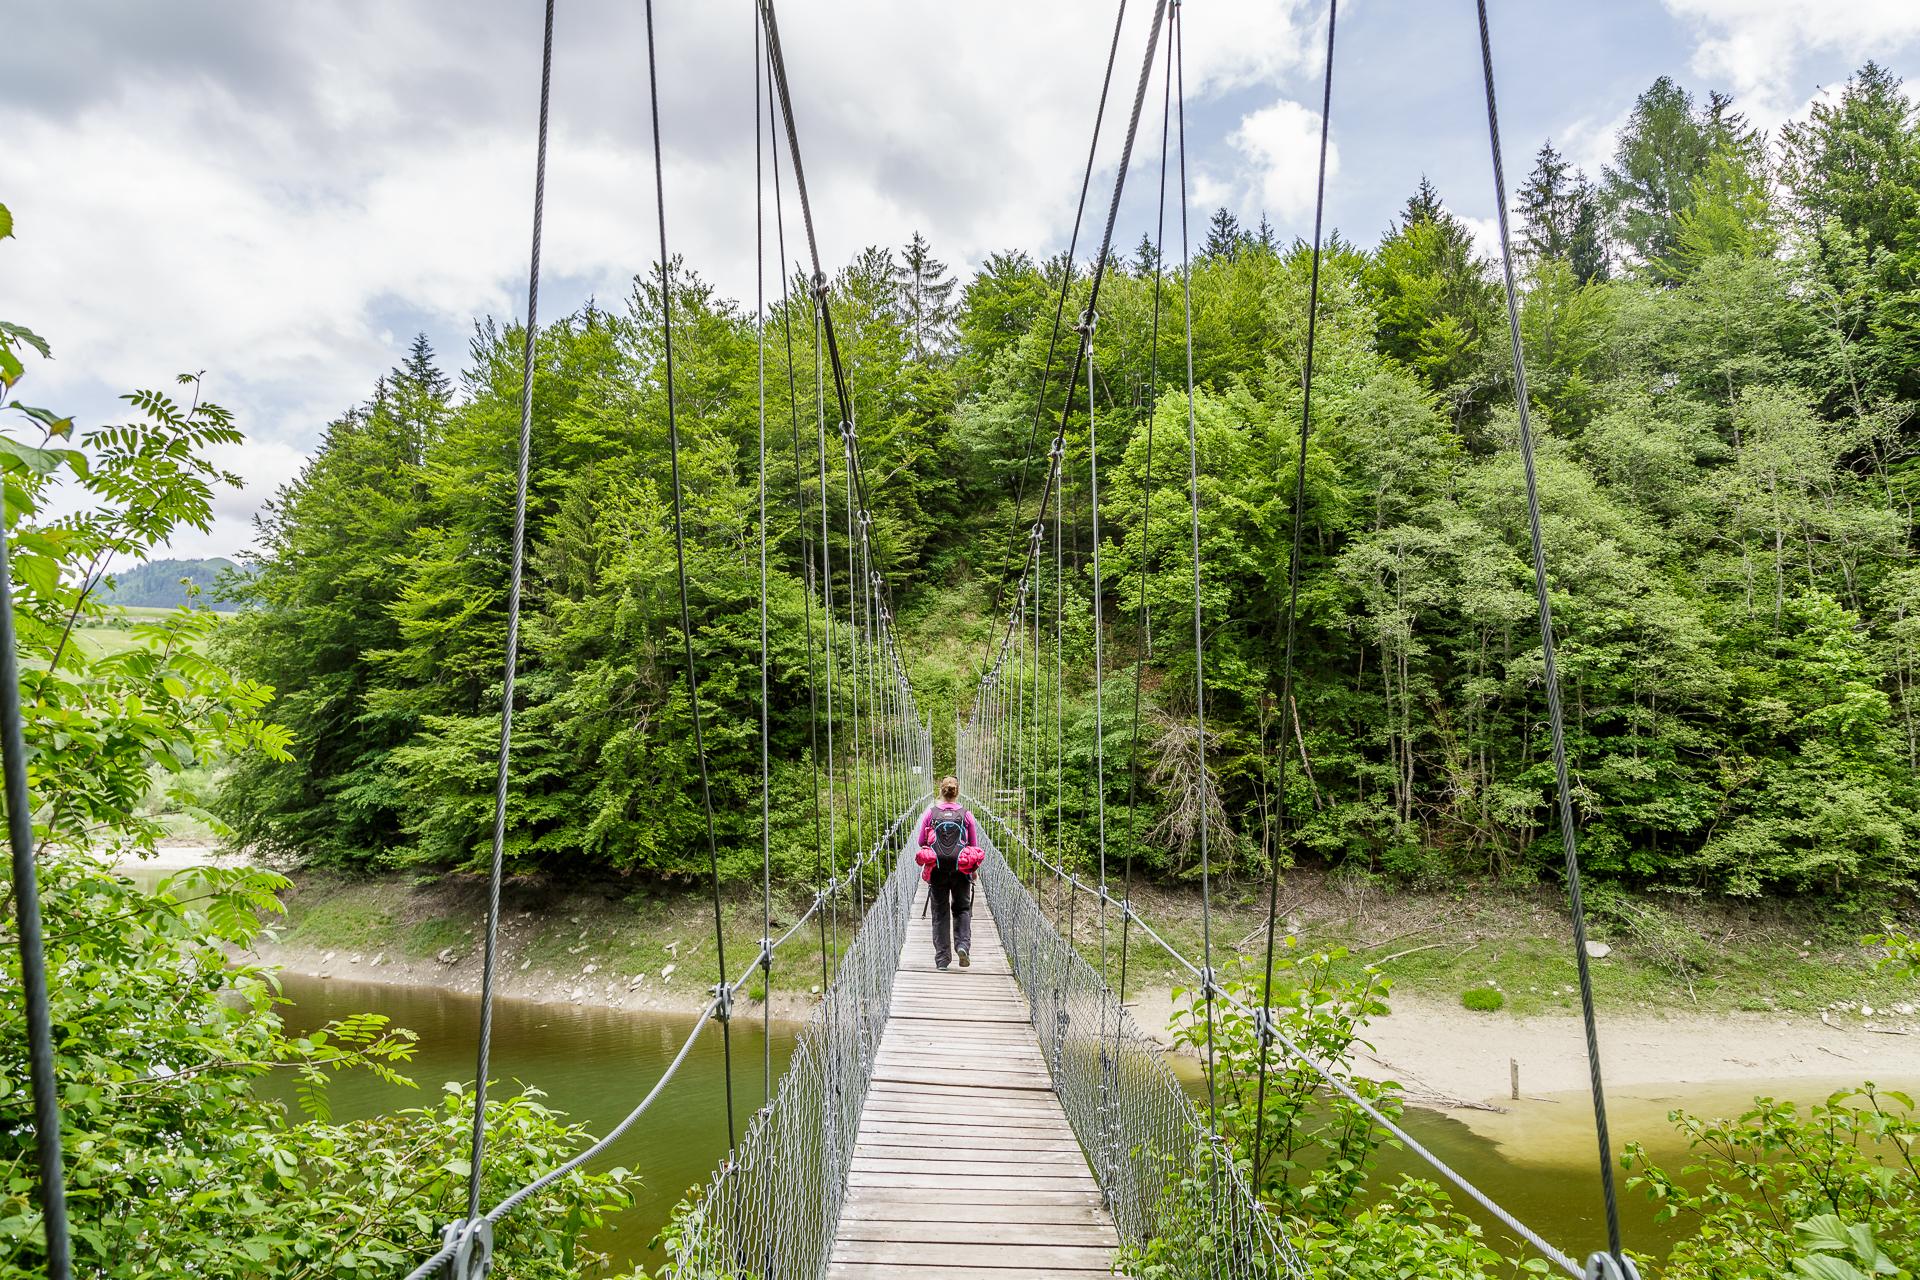 Hängebrücke-Lac-de-Montsalvens